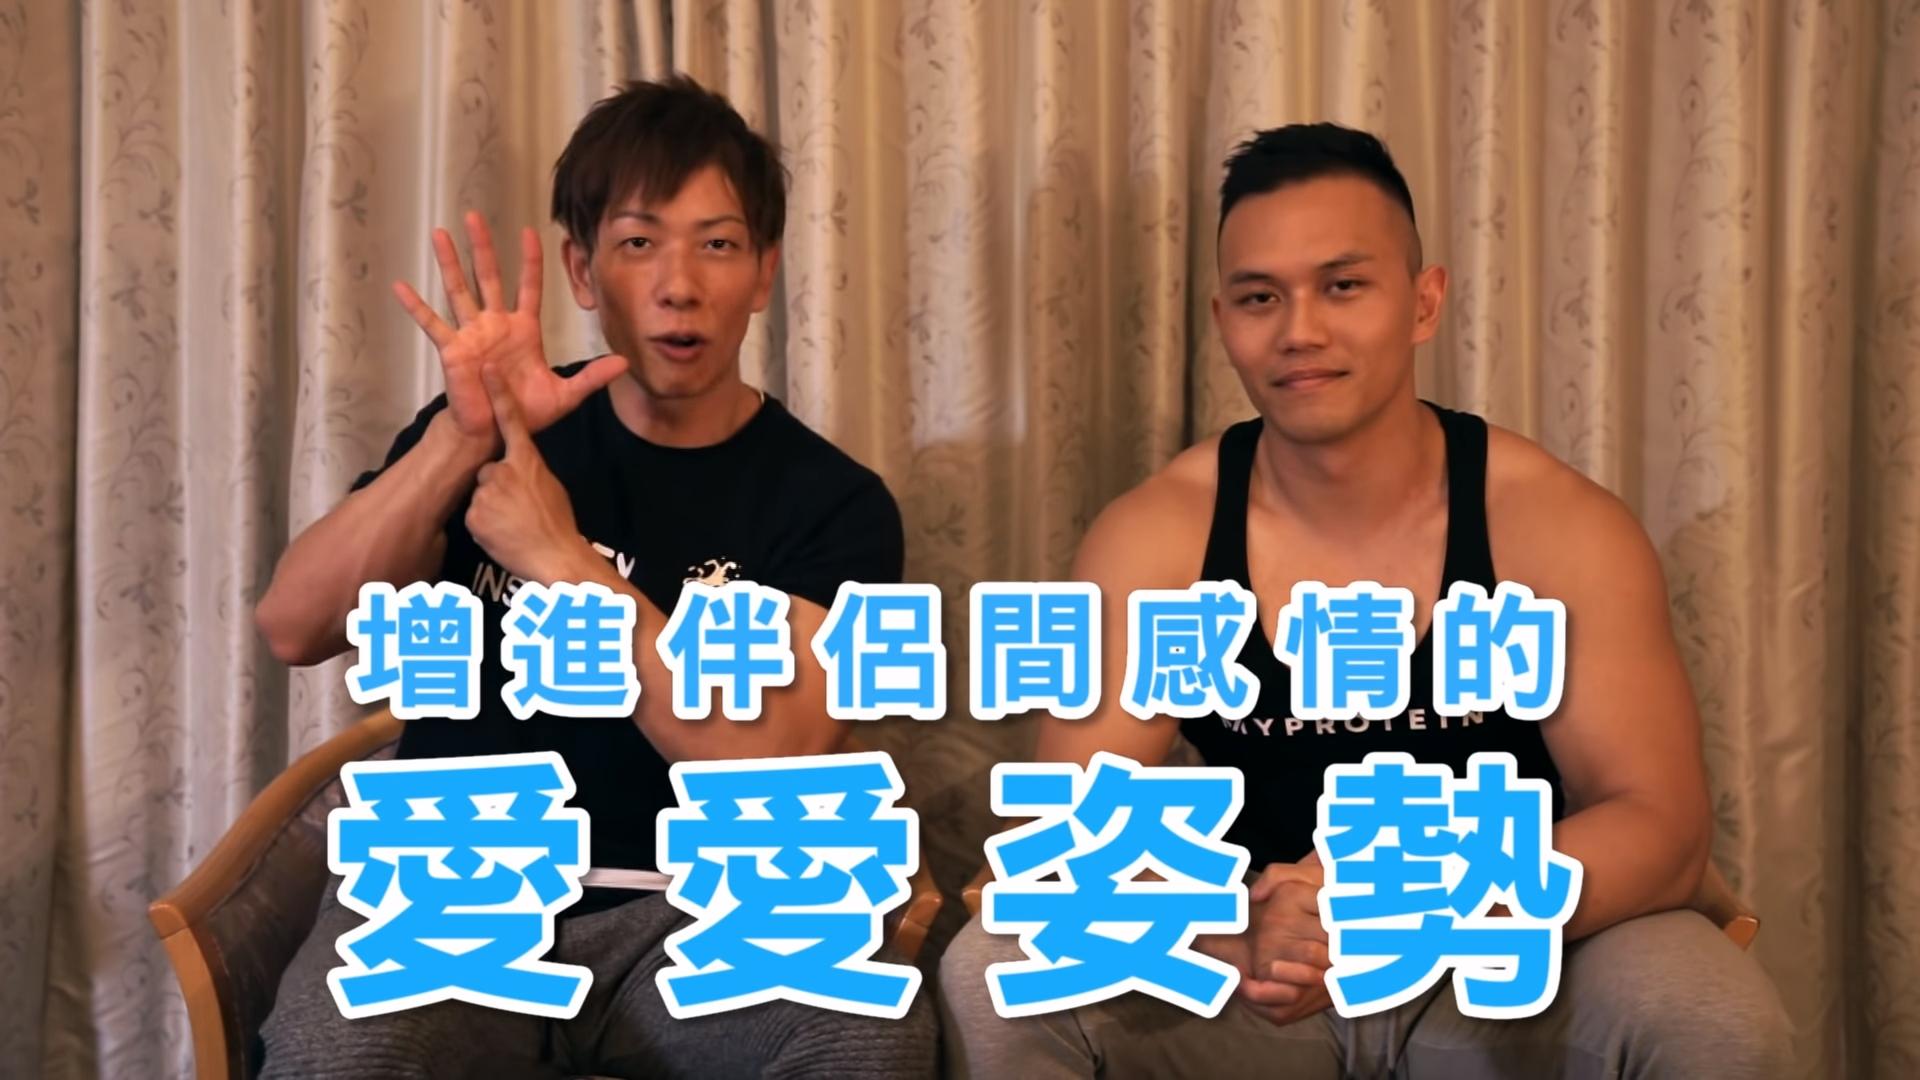 清水健現身台灣Youtube《6個最好的性愛動作》讓對方幸福不瞎忙!